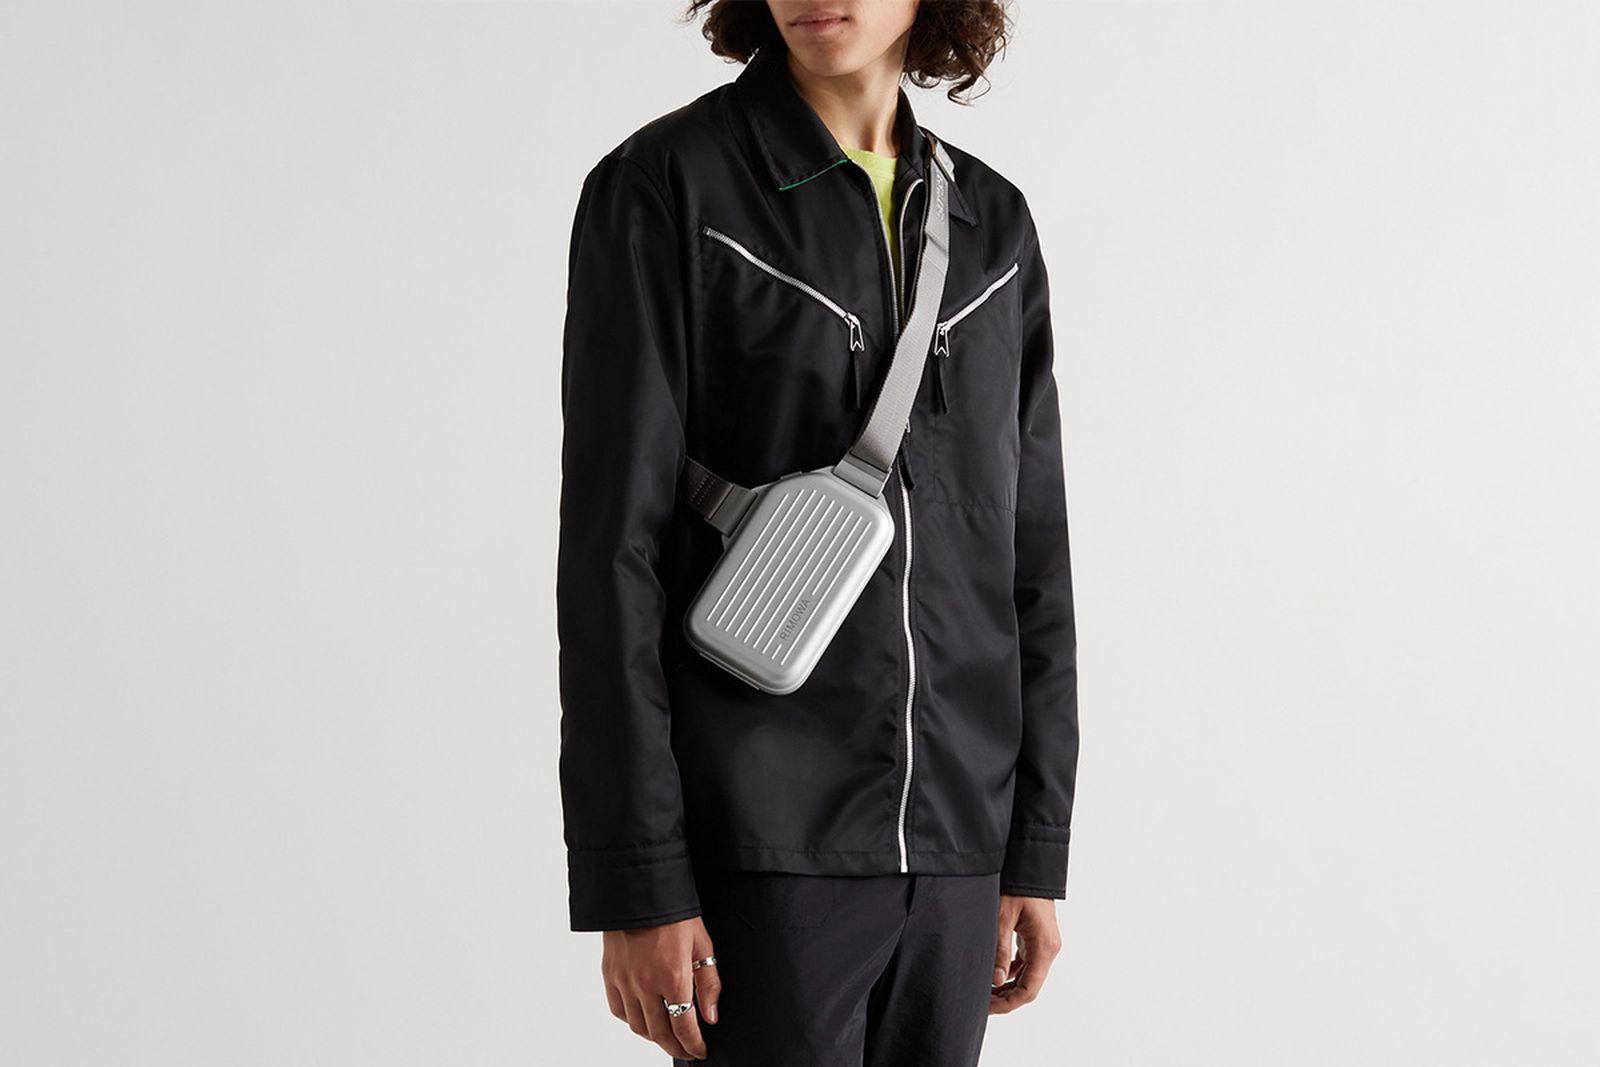 waterproof bags